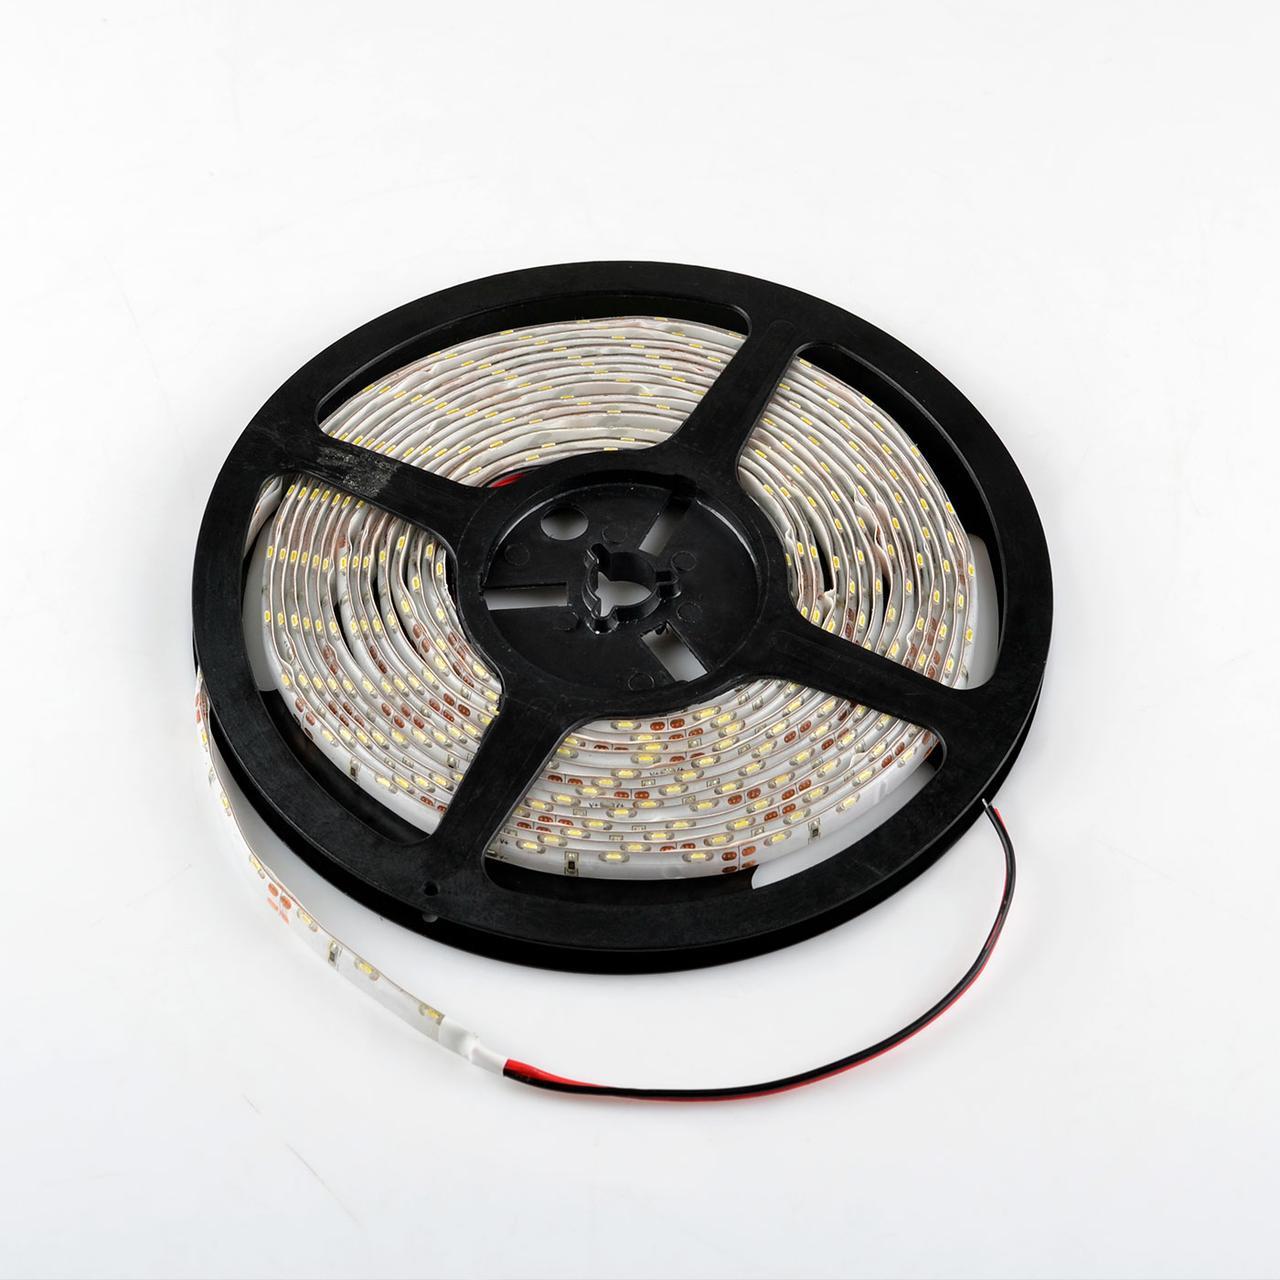 Светодиодная лента Venom SMD 335 60д.м. герметичная (IP33) Premium (боковое свечение) (VP-335120601-W)